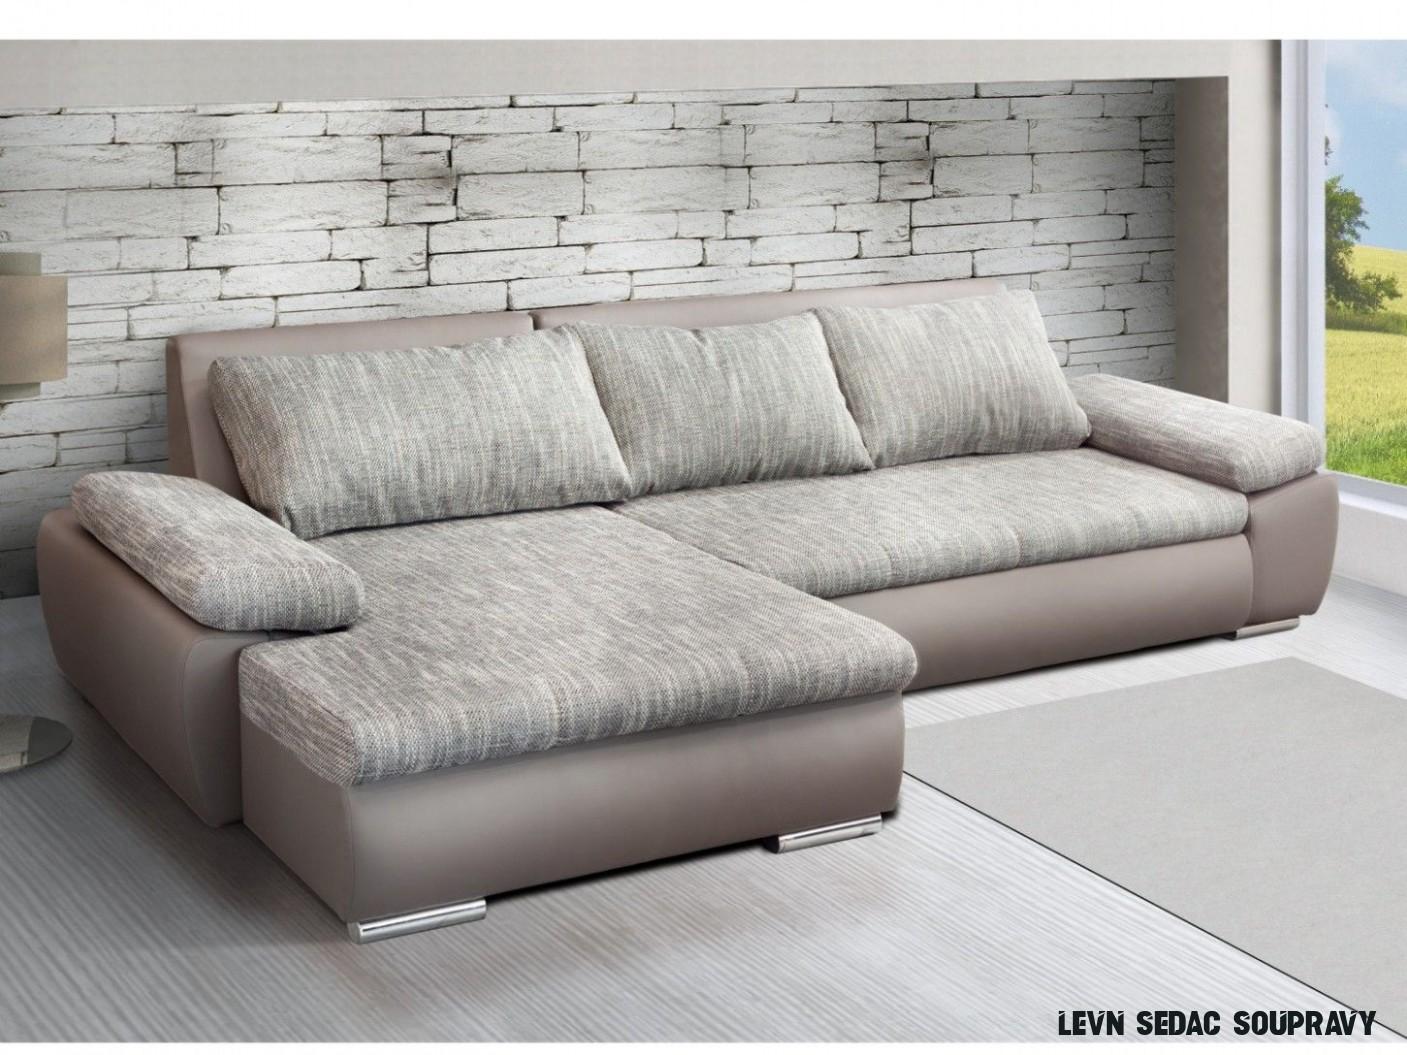 14 Nejlépe Nápady Levné Sedací Soupravy Rohové  Sectional couch